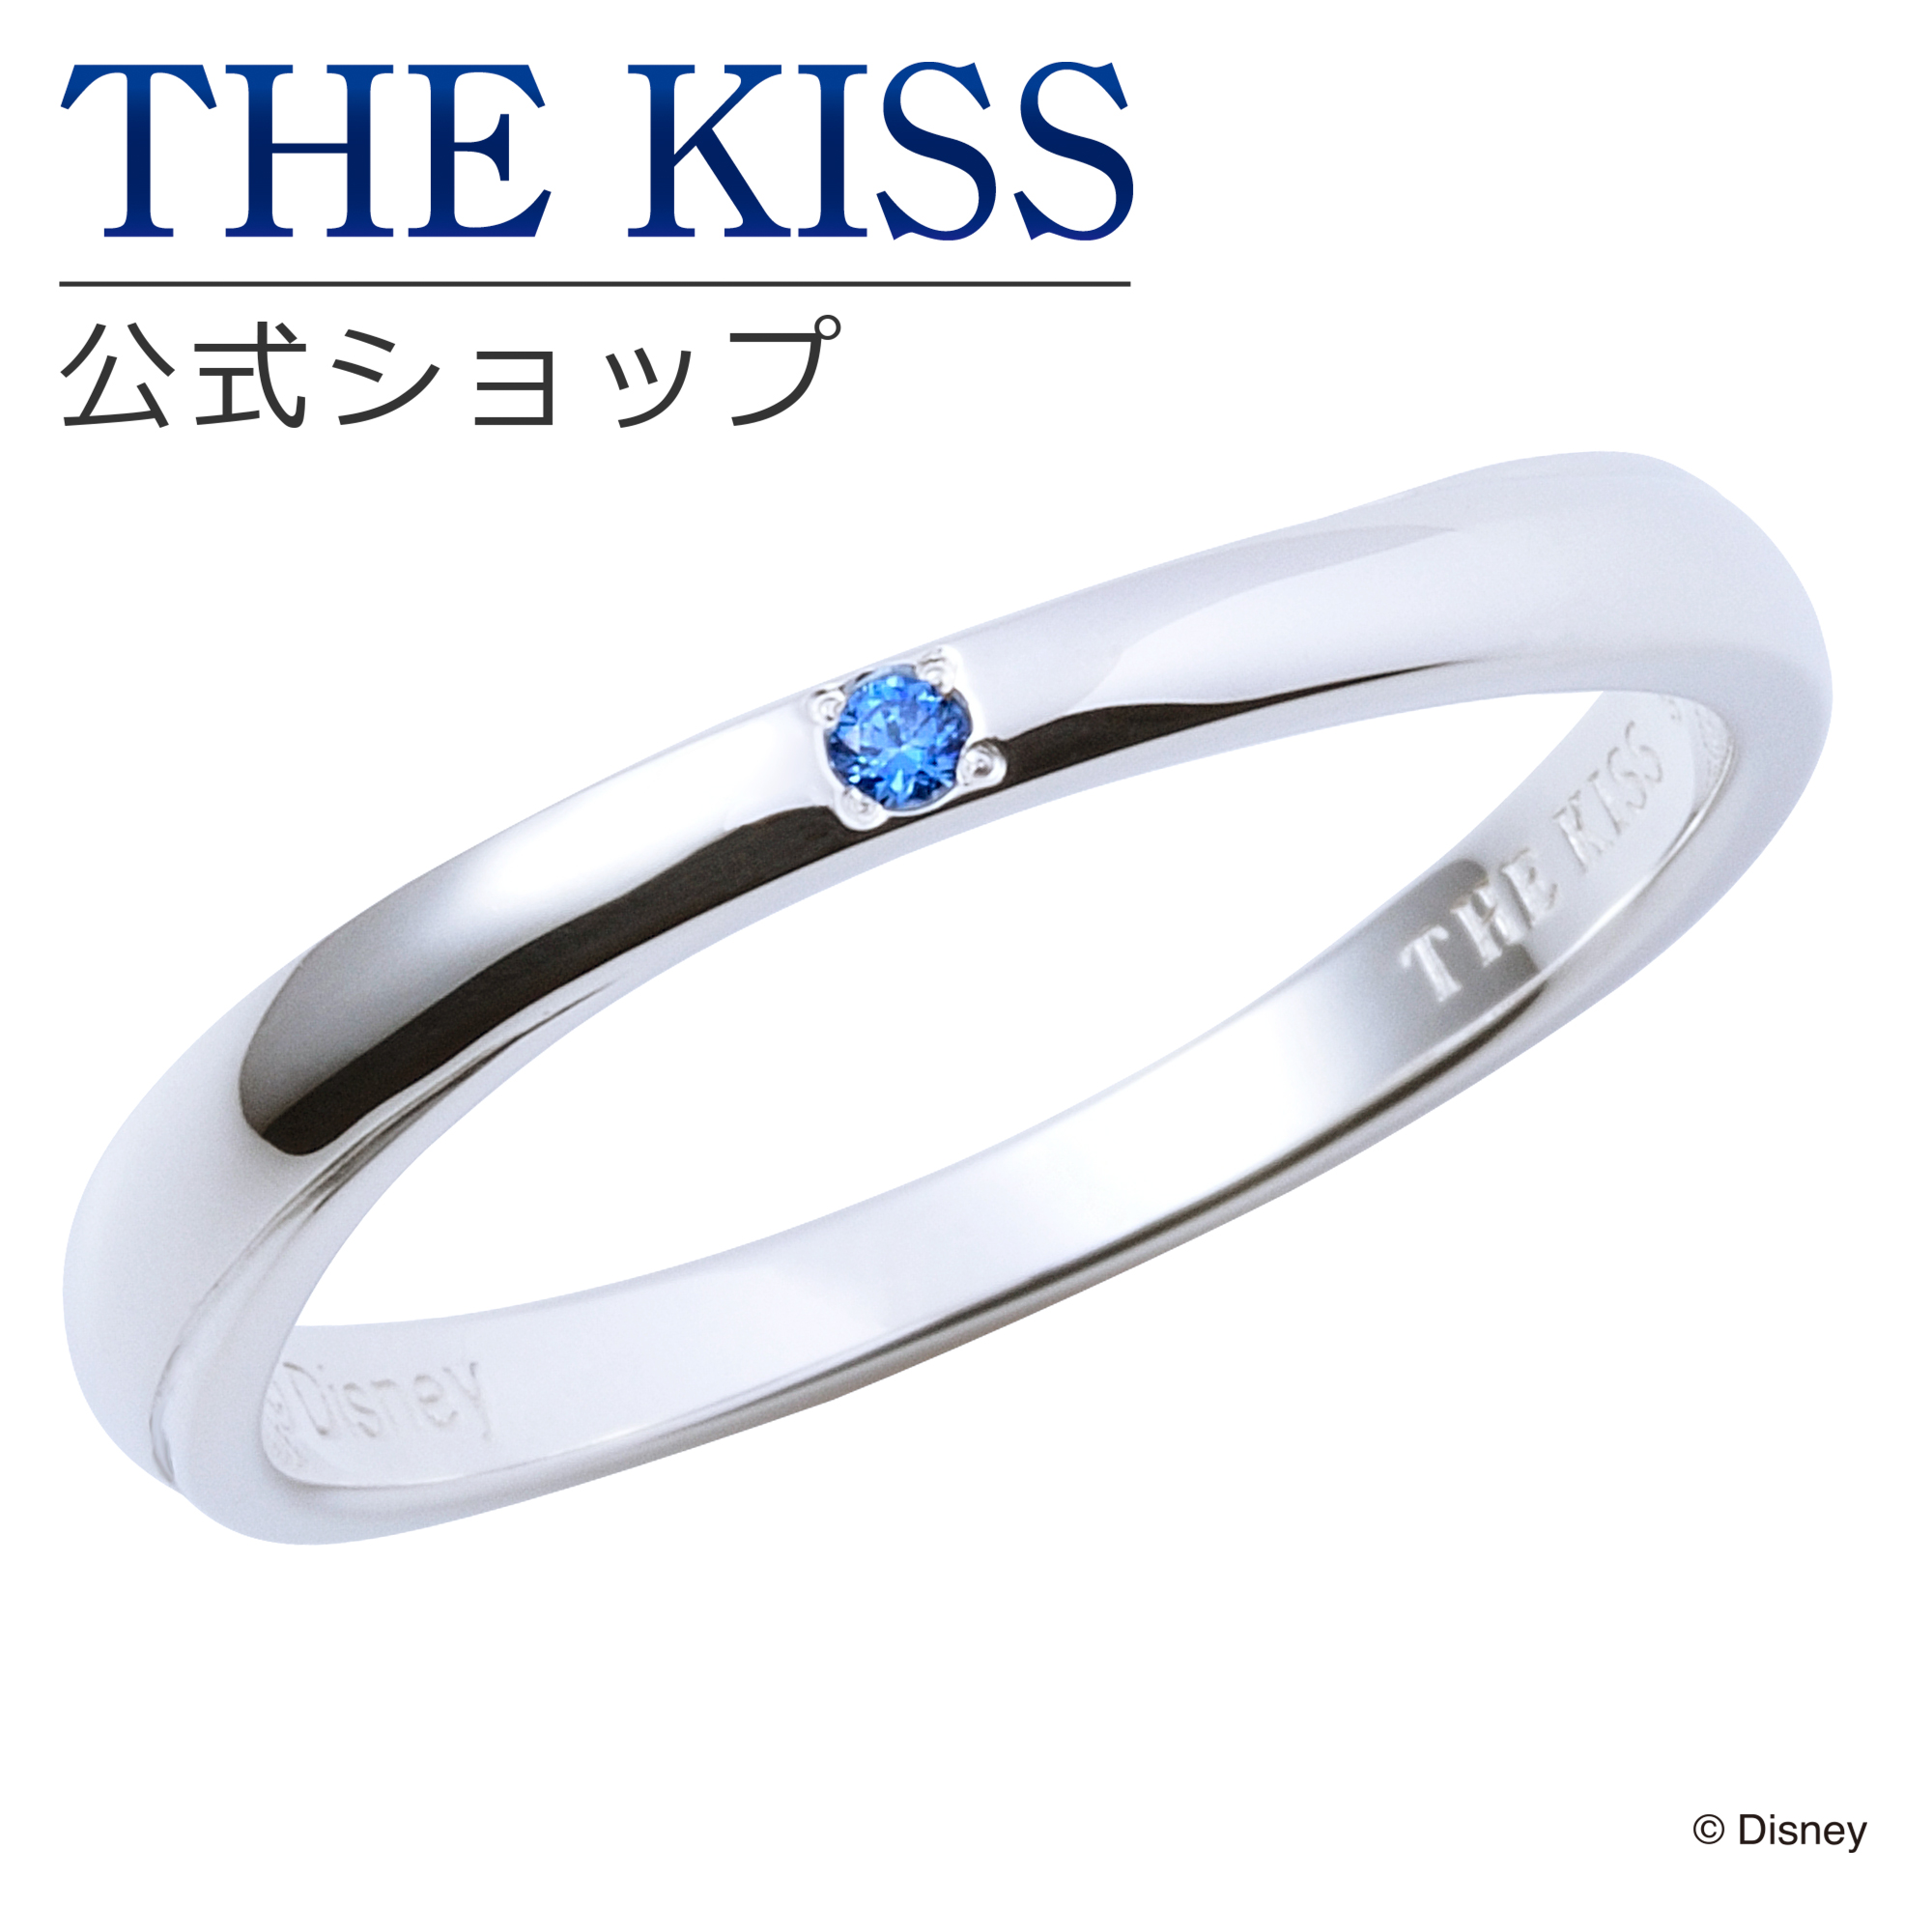 【あす楽対応】【ディズニーコレクション】 ディズニー / ペアリング / ディズニープリンセス ベル / THE KISS リング・指輪 シルバー ダイヤモンド (レディース 単品) DI-SR2411CB ザキス 【送料無料】